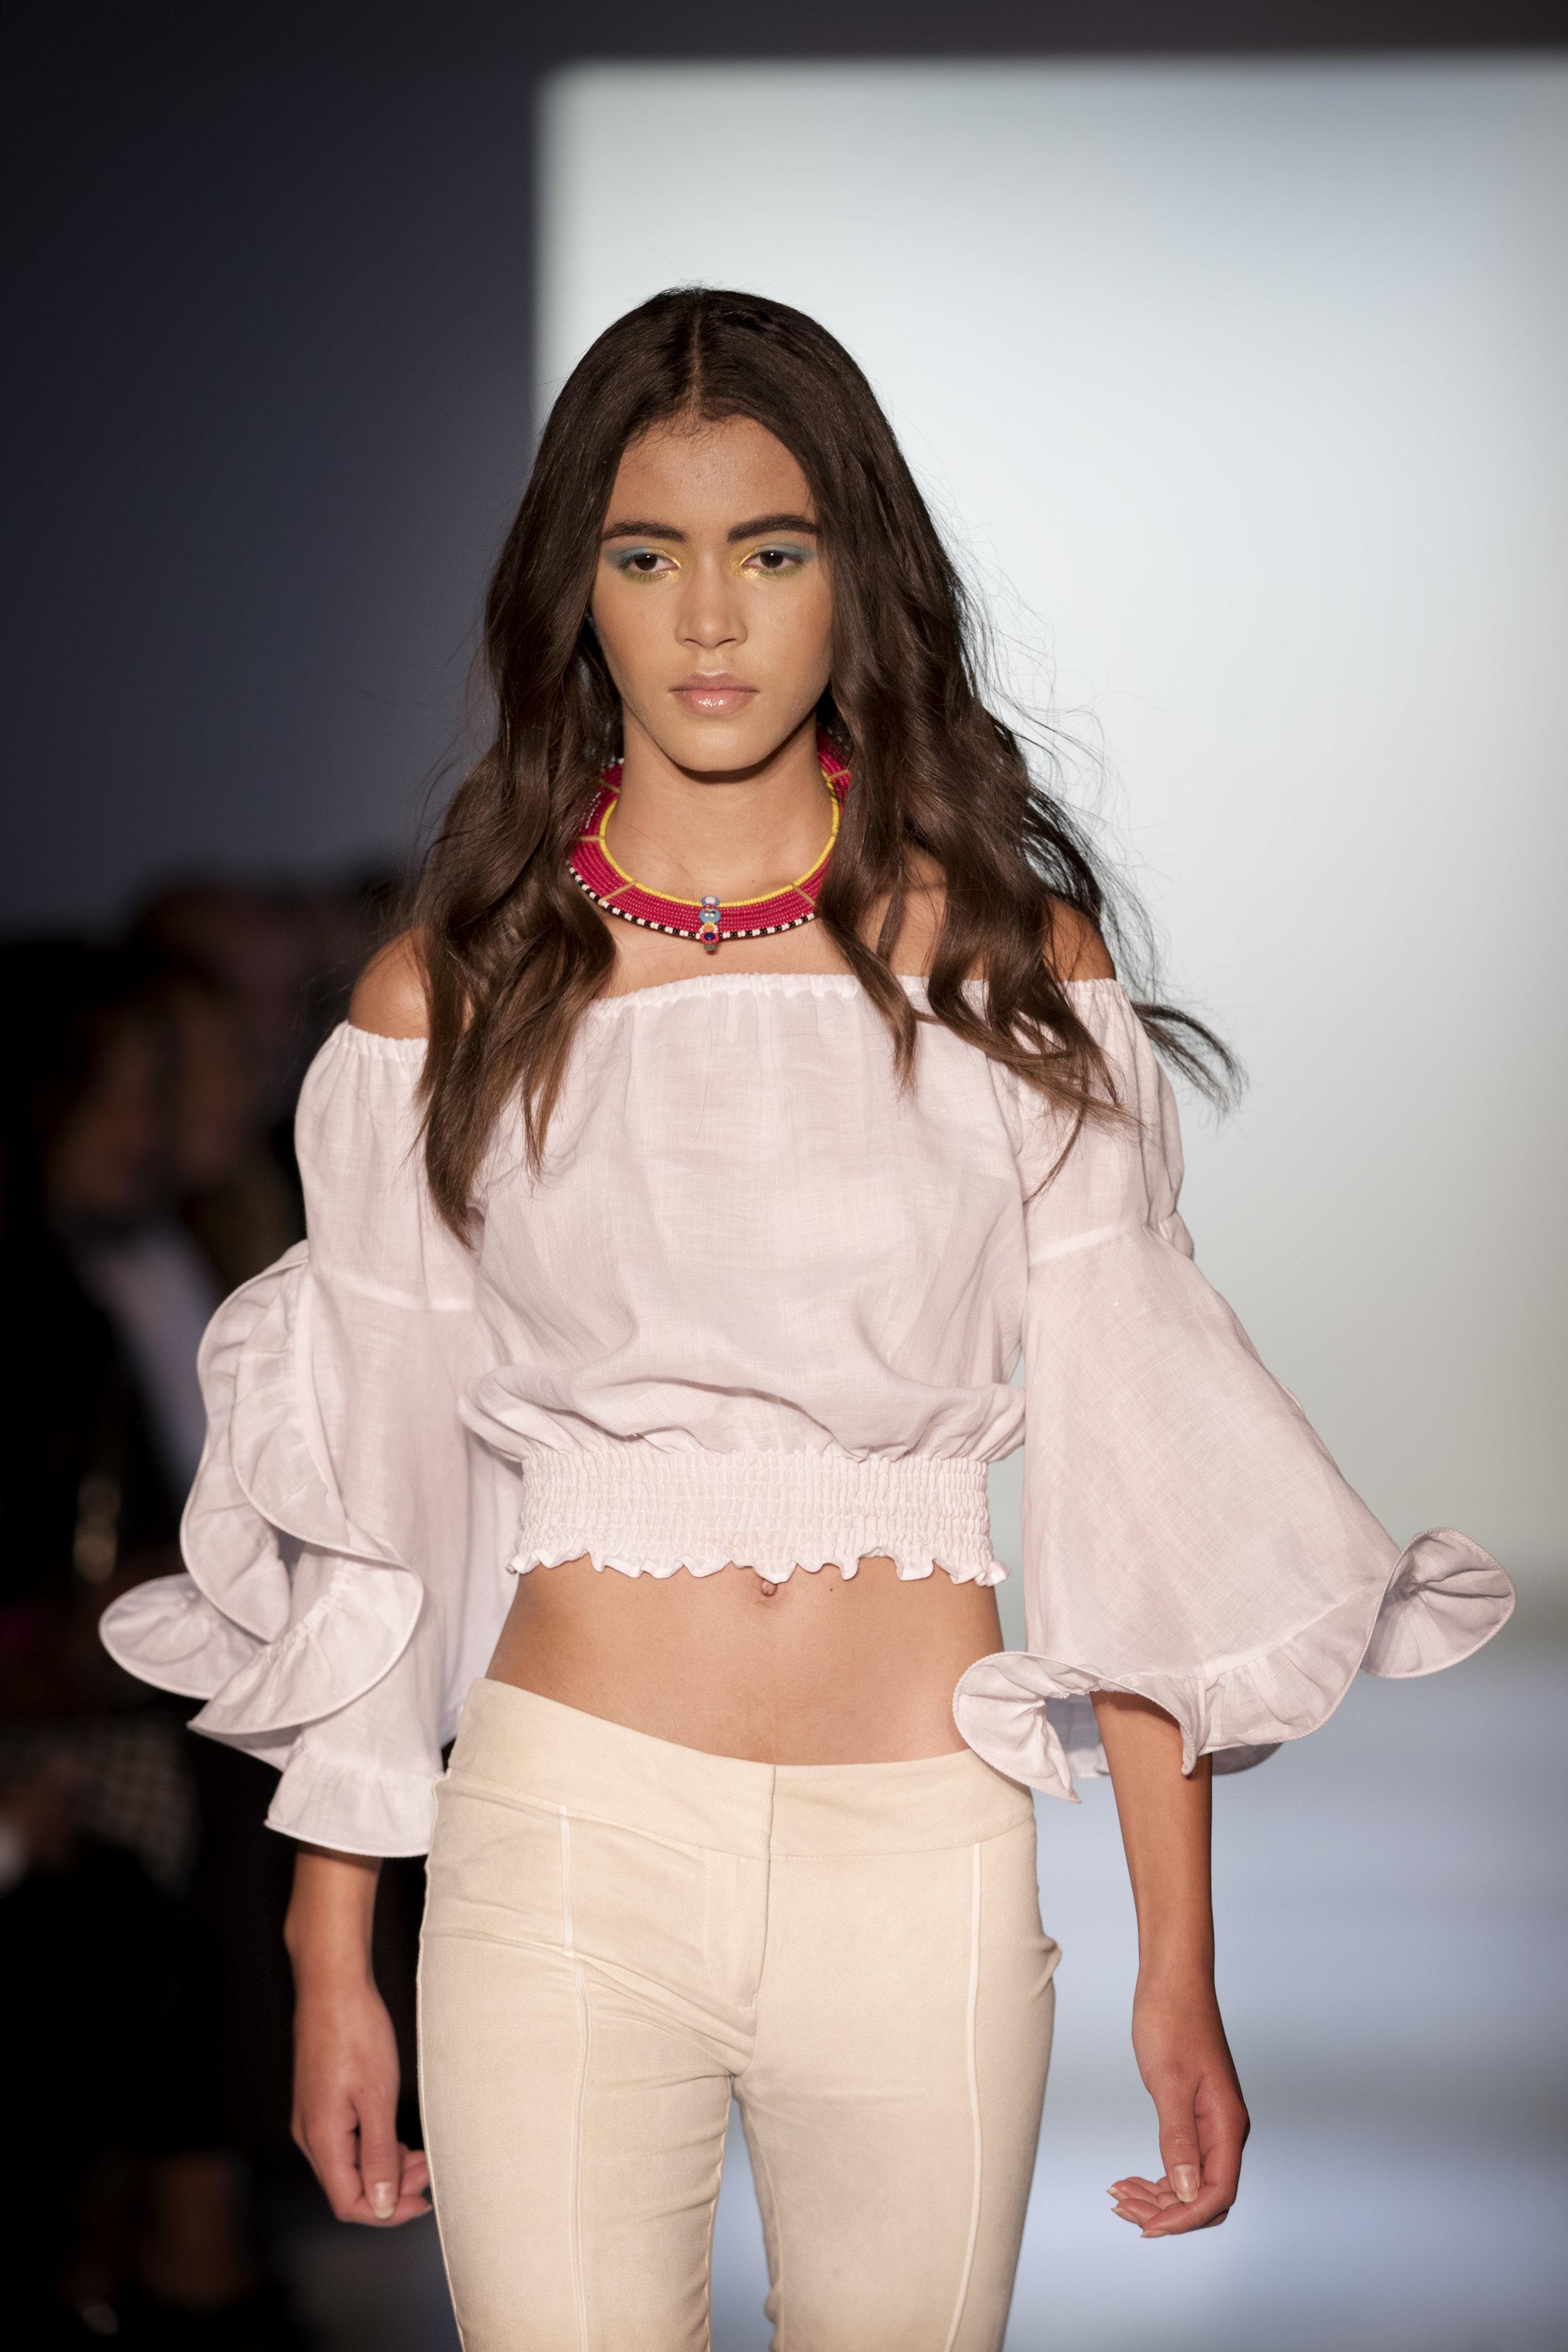 Massif Fashion Week 2017 Day 3 Gypset Girl - 027.jpg